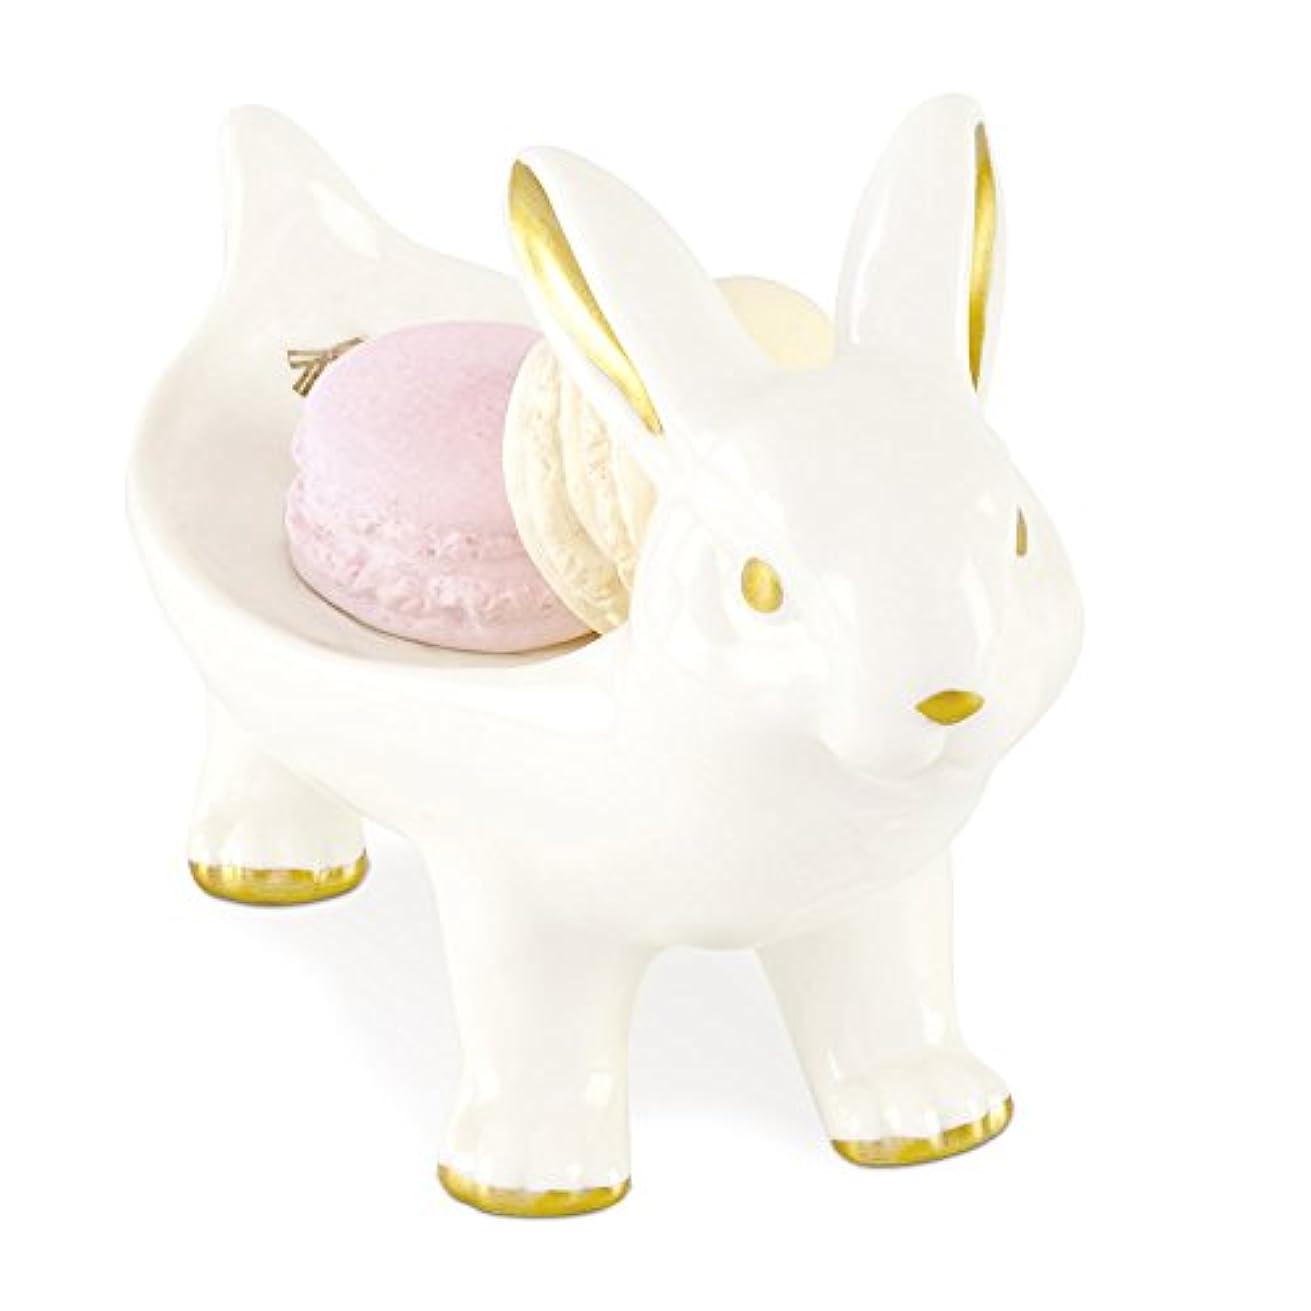 掻く遠え各キャリングアニマル アロマストーン&アニマルトレイ Rabbit KH-60960